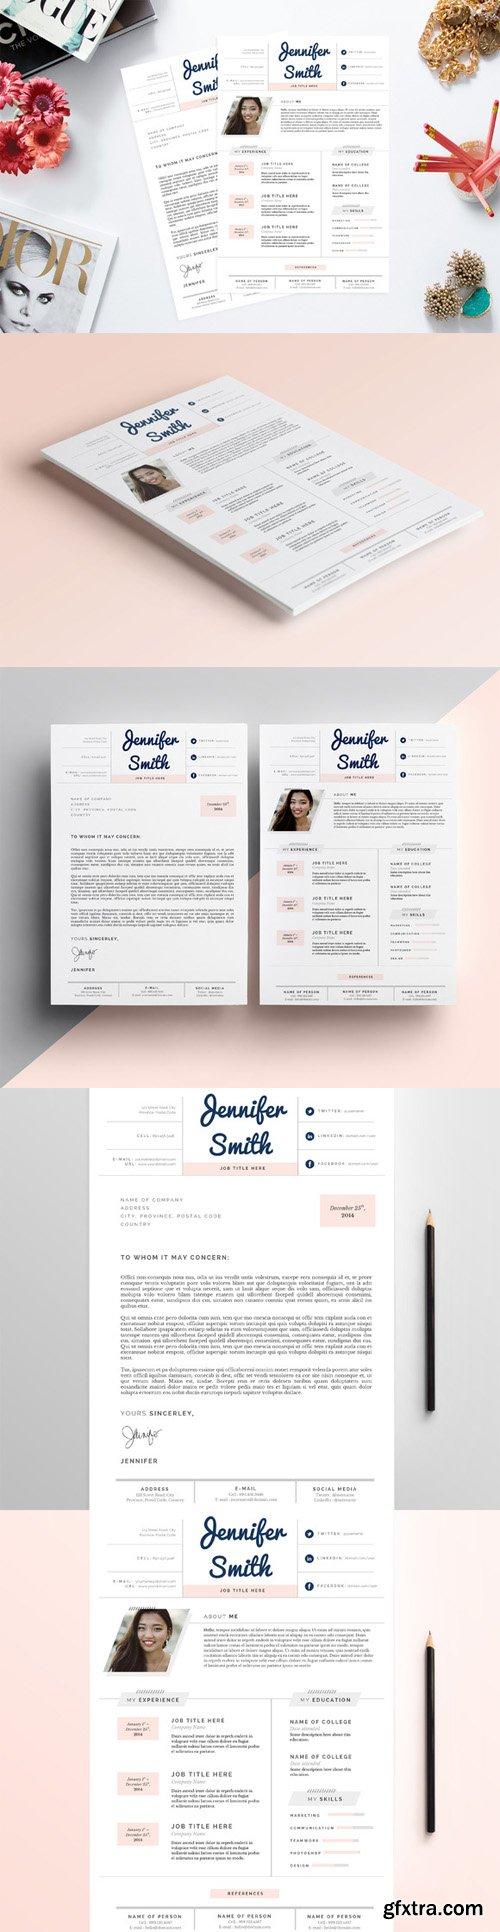 CreativeMarket - Feminine Resume & CV Template Pkg. 130321